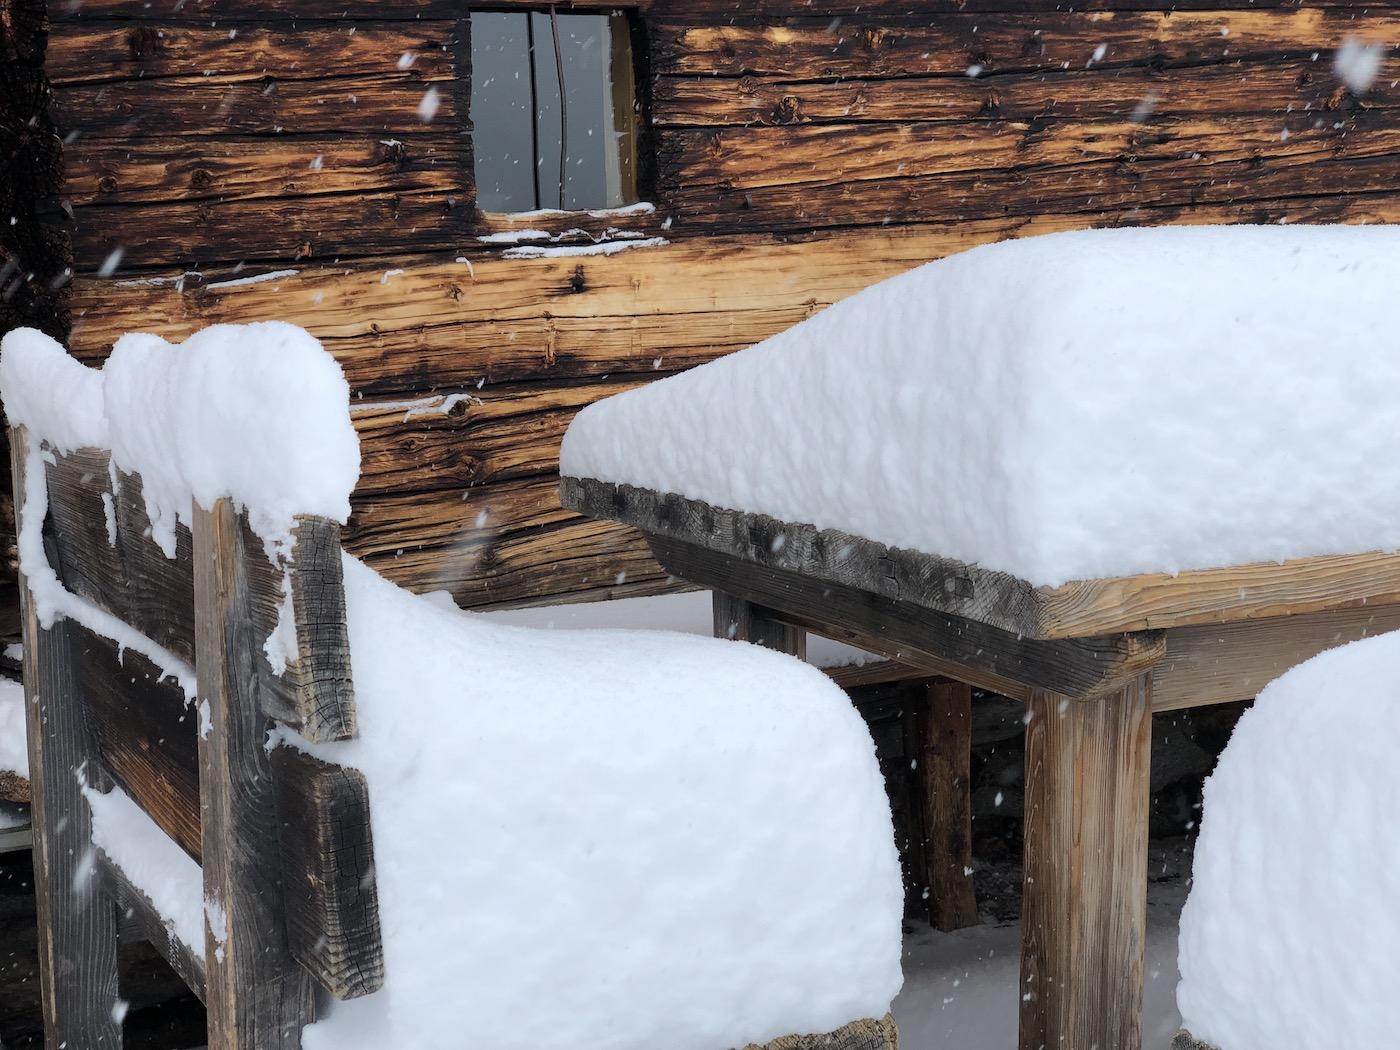 Sölden hoort bij de sneeuwzekere skigebieden in Oostenrijk